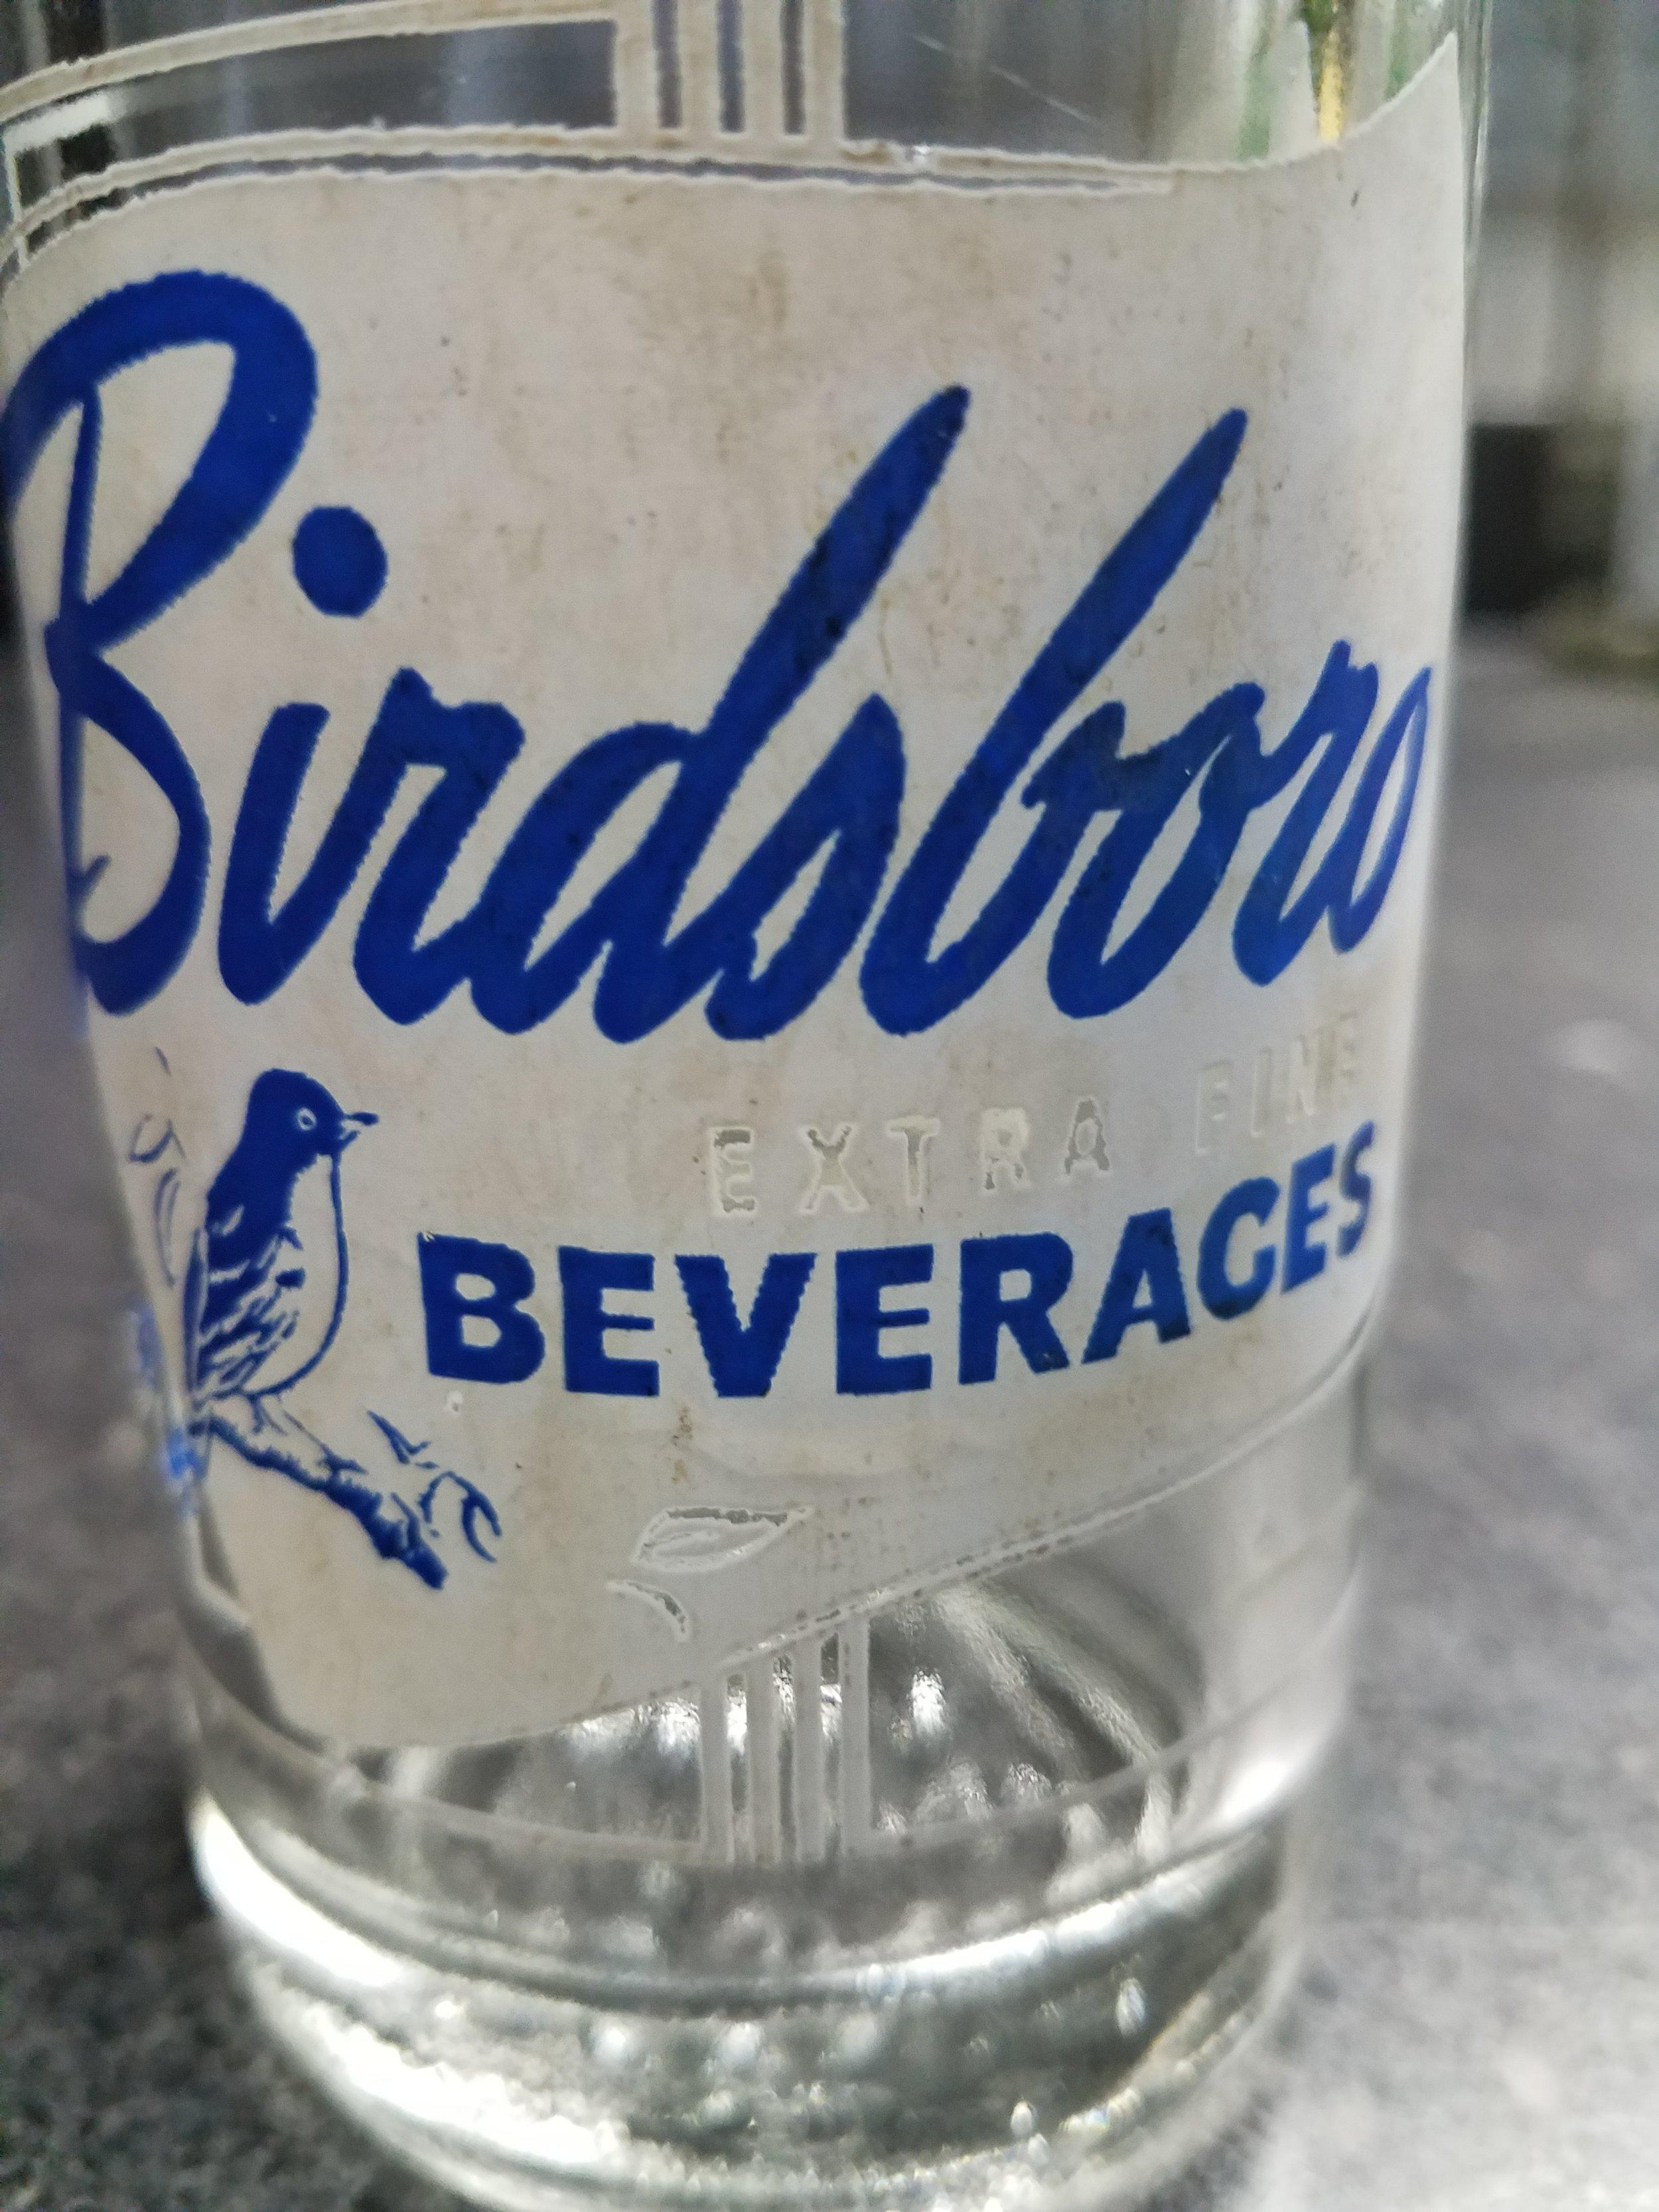 Birdsboro